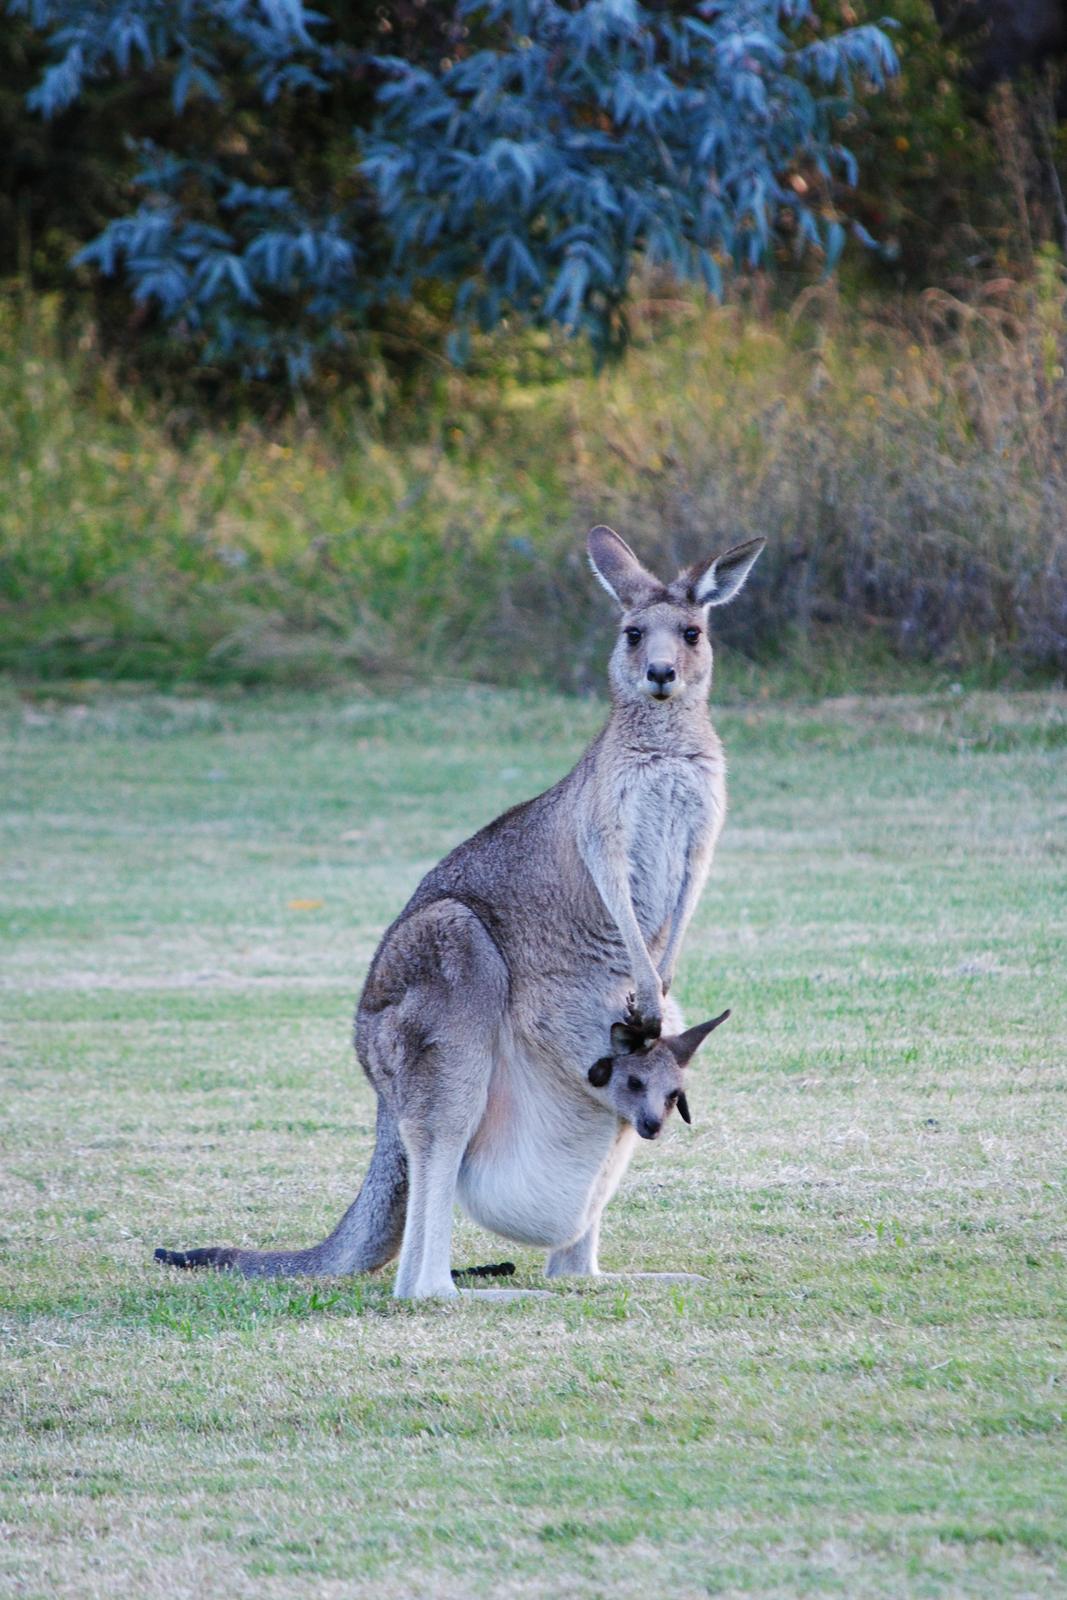 Fotografia przedstawia siedzącą na tylnych łapach beżową samicę kangura. Głowa skierowana do przodu, wygląda na zaniepokojoną. Na brzuchu jasny, workowaty fałd. Wychyla się zniego głowa małego kangura zciemnymi uszami. Samica łapą dotyka głowy małego.